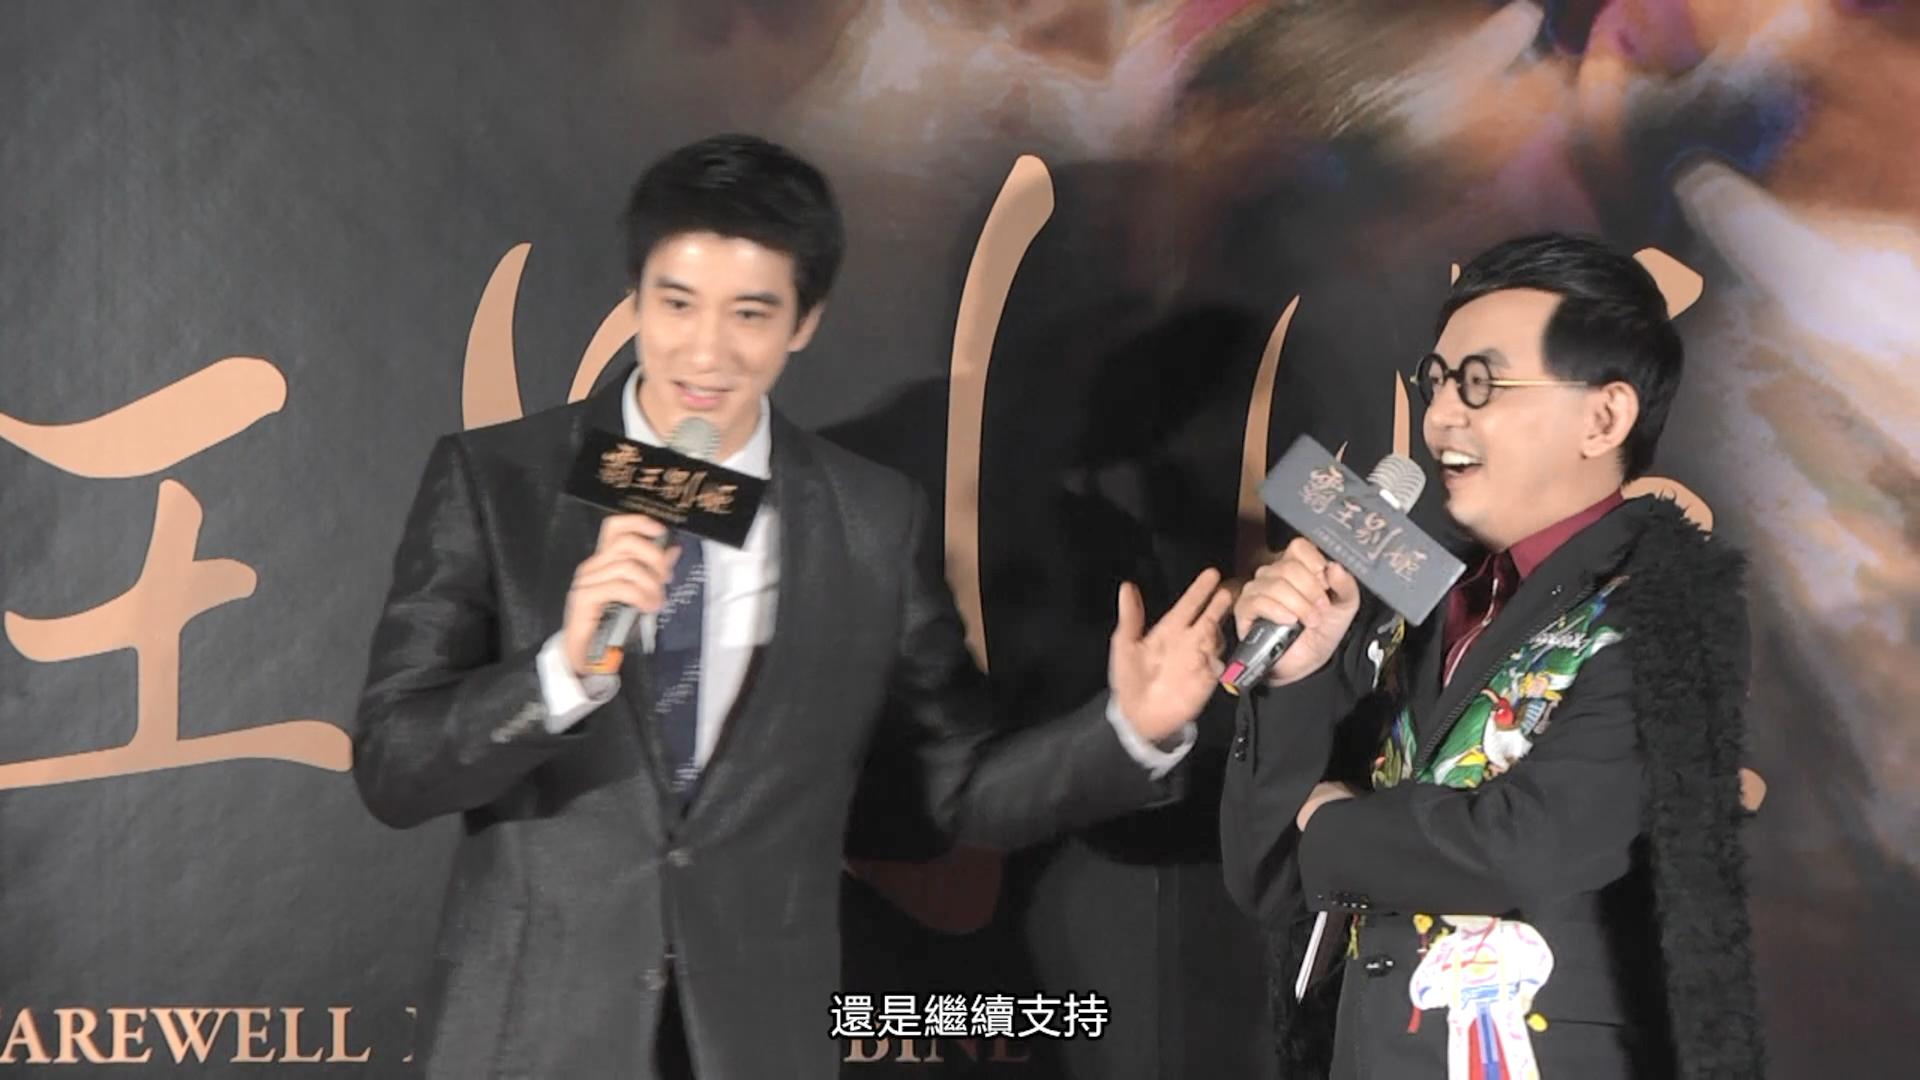 王力宏出席首映會 遭拱翻唱這首歌超級囧